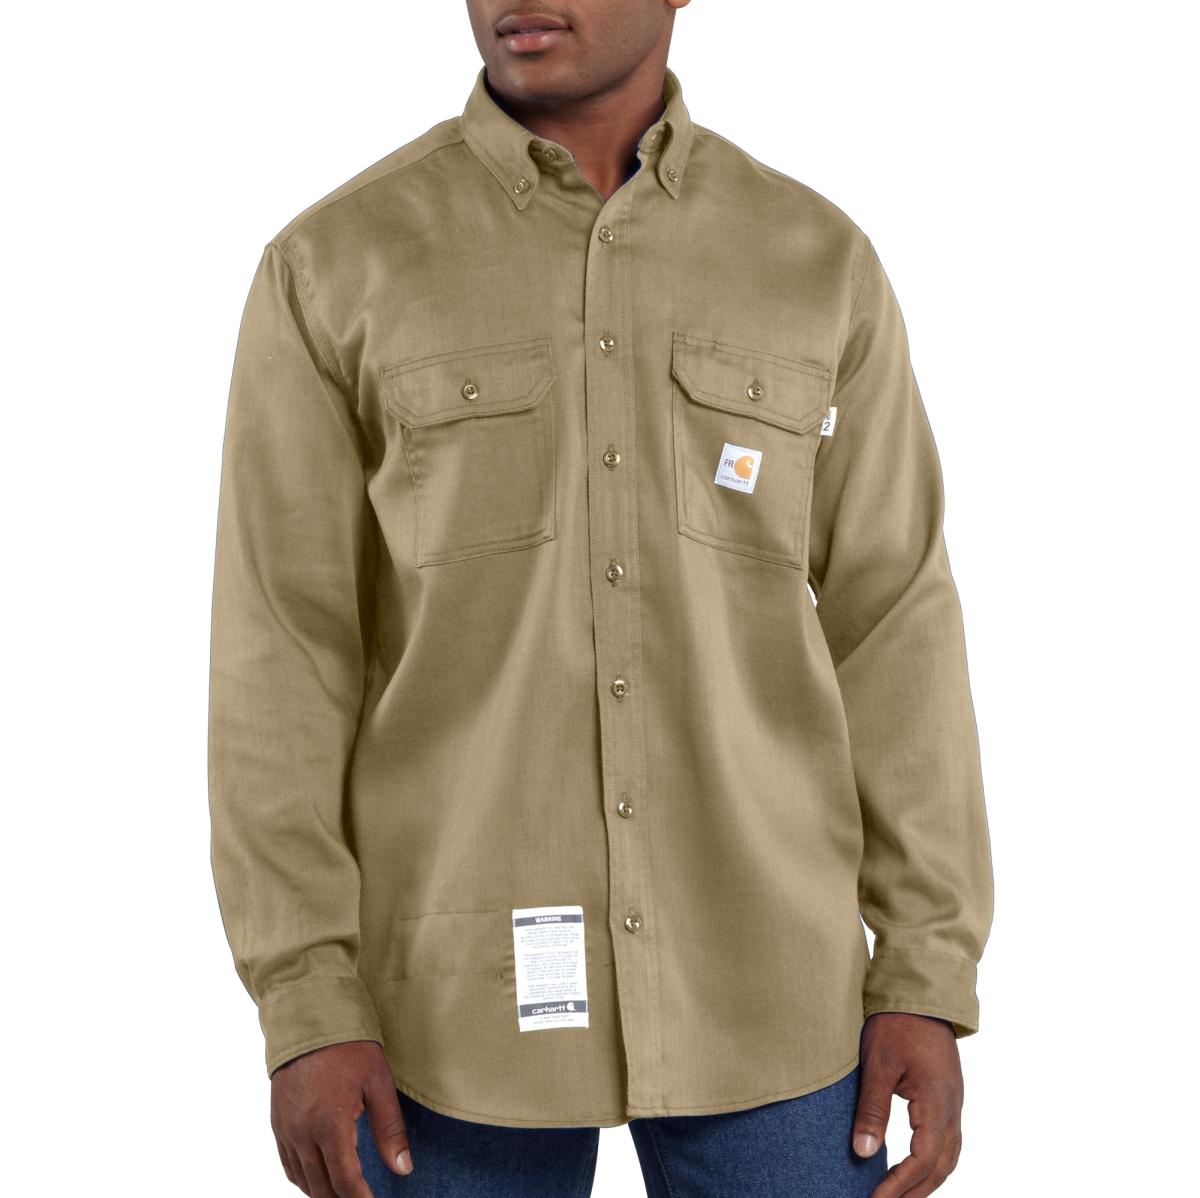 Carhartt FR Lightweigt Twill Shirt-